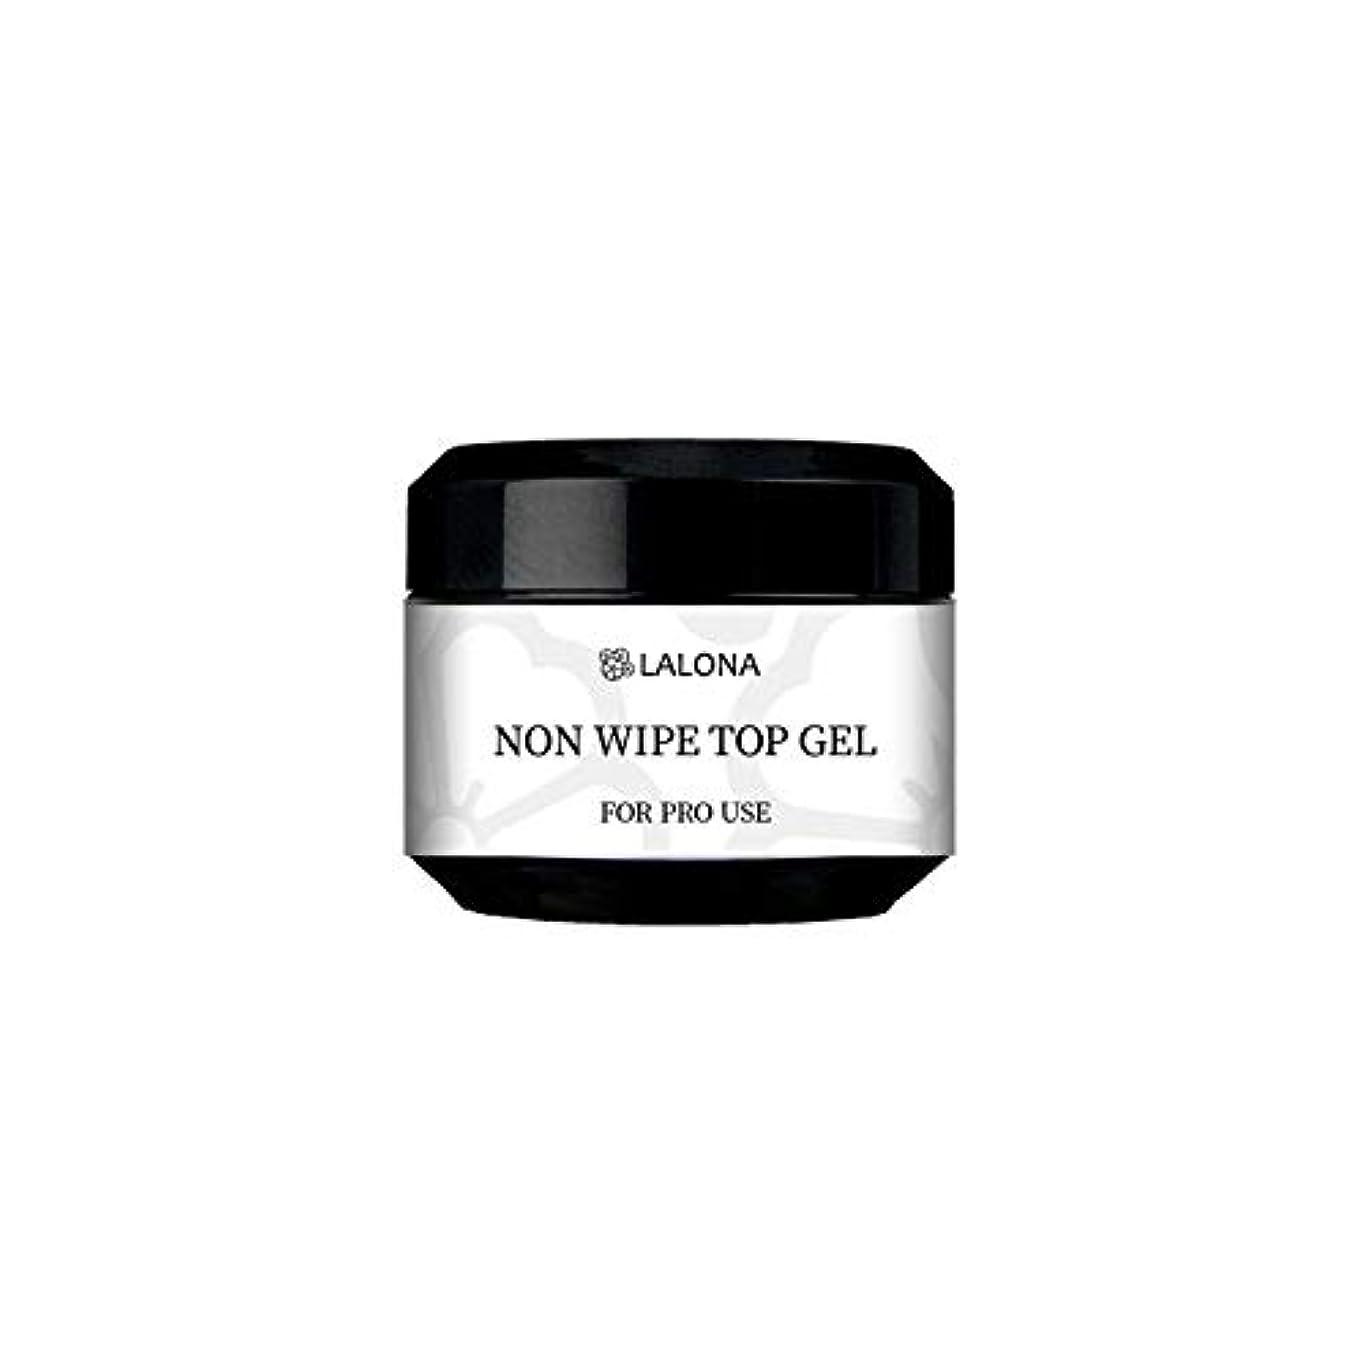 排泄する側面ペデスタルLALONA [ ラローナ ] ノンワイプトップジェル (30g) 化粧品登録 ジェルネイル セミハード トップコート 拭き取り不要 ソークオフ レジン